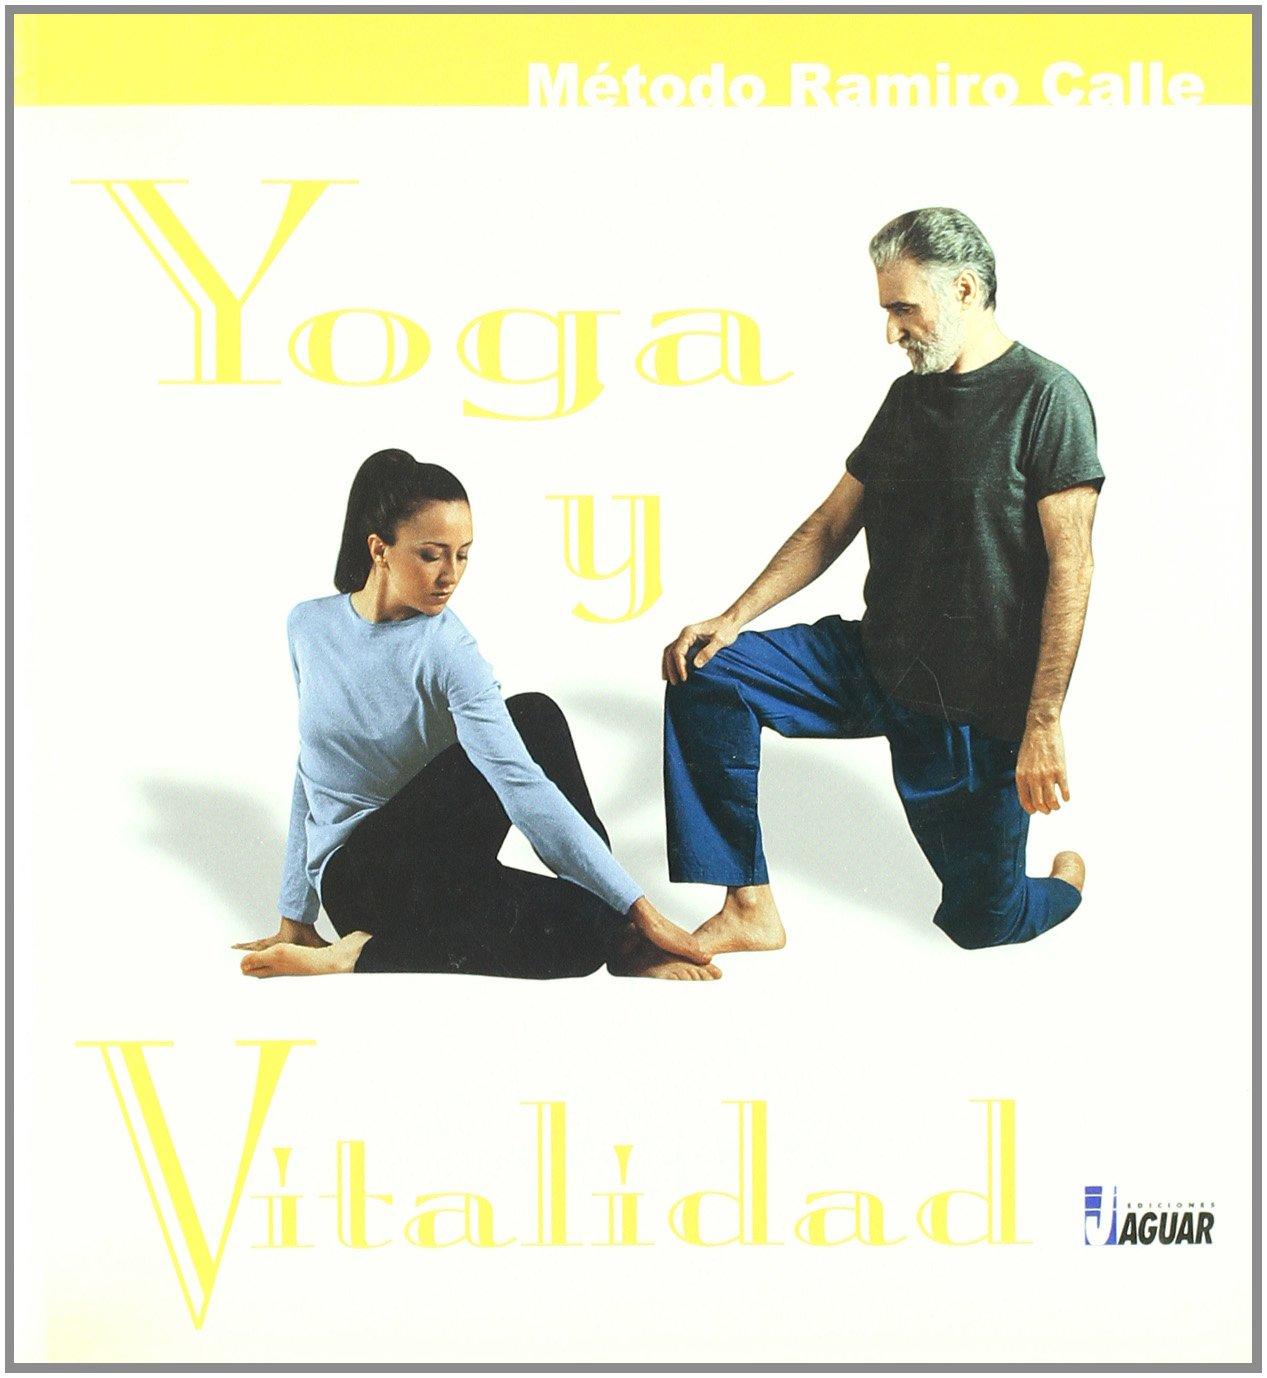 YOGA Y VITALIDAD (Aprender a Vivir): Amazon.es: Ramiro Calle ...